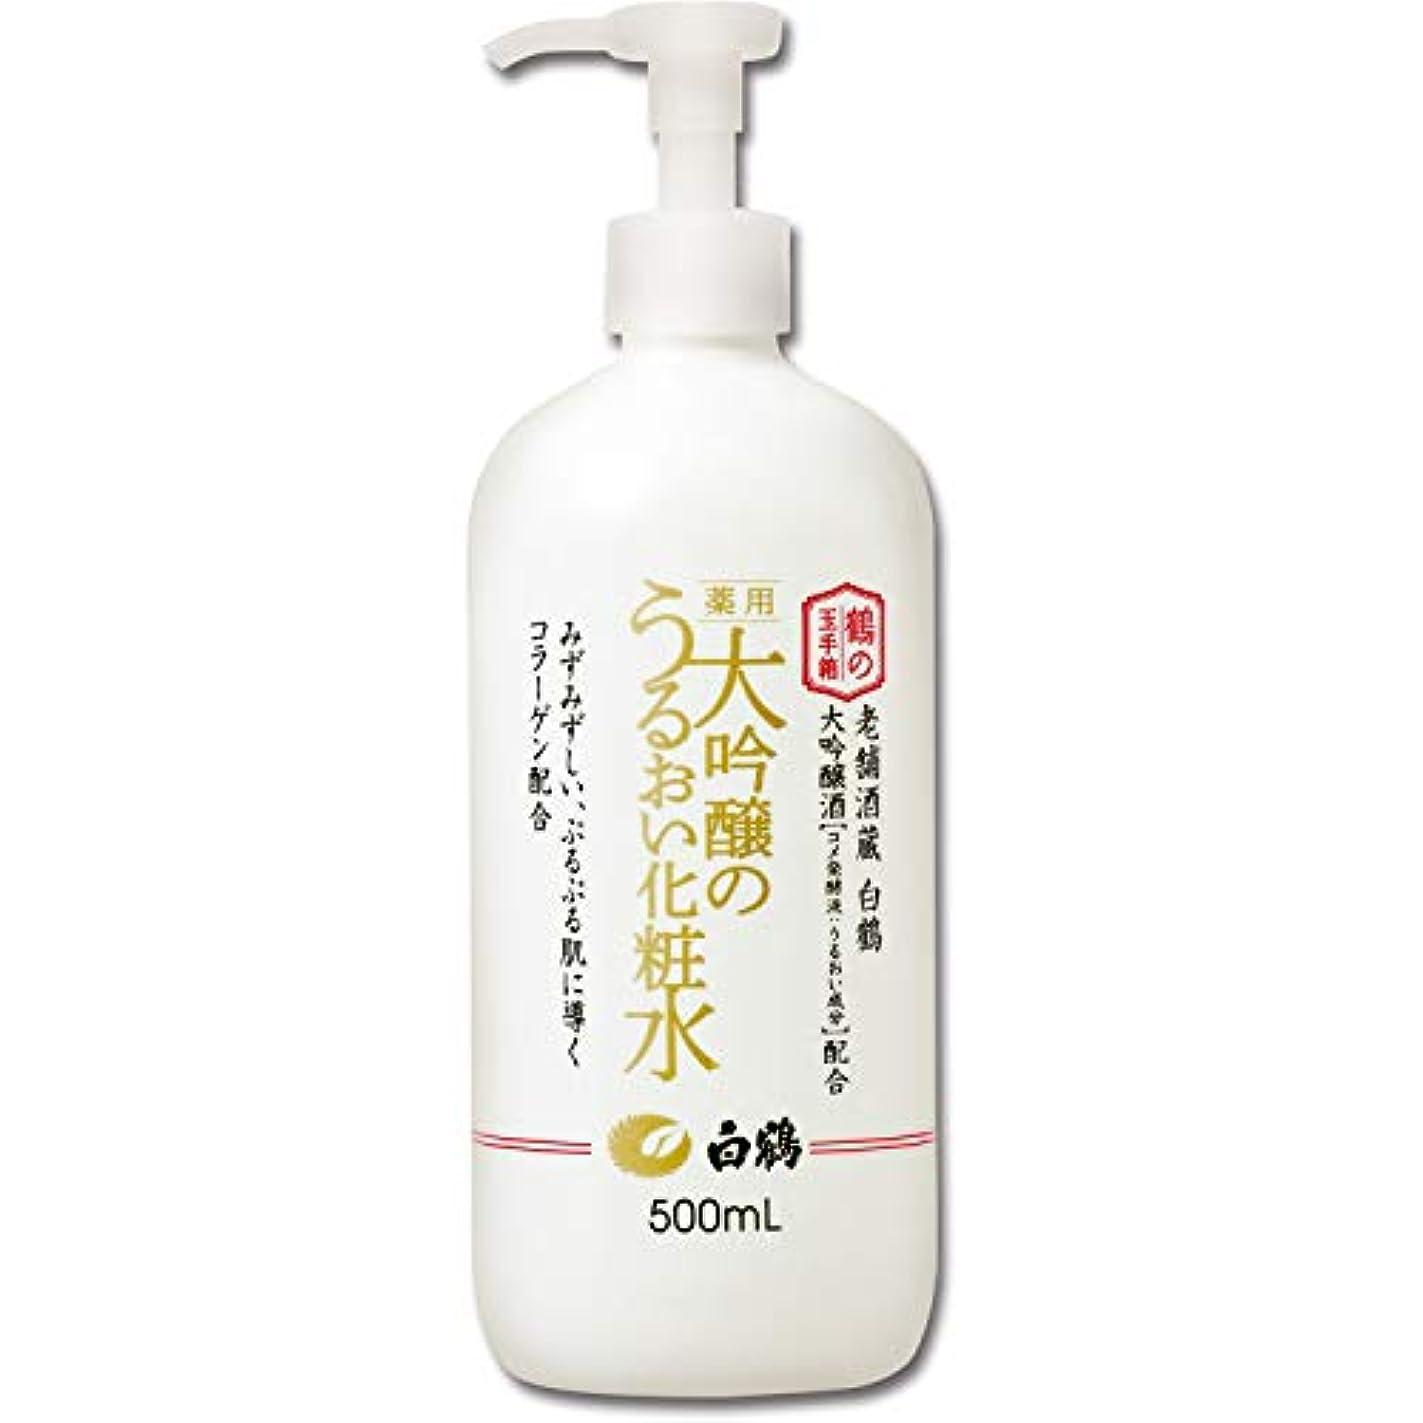 メタルラインホールド全能白鶴 鶴の玉手箱 薬用 大吟醸のうるおい化粧水 500ml